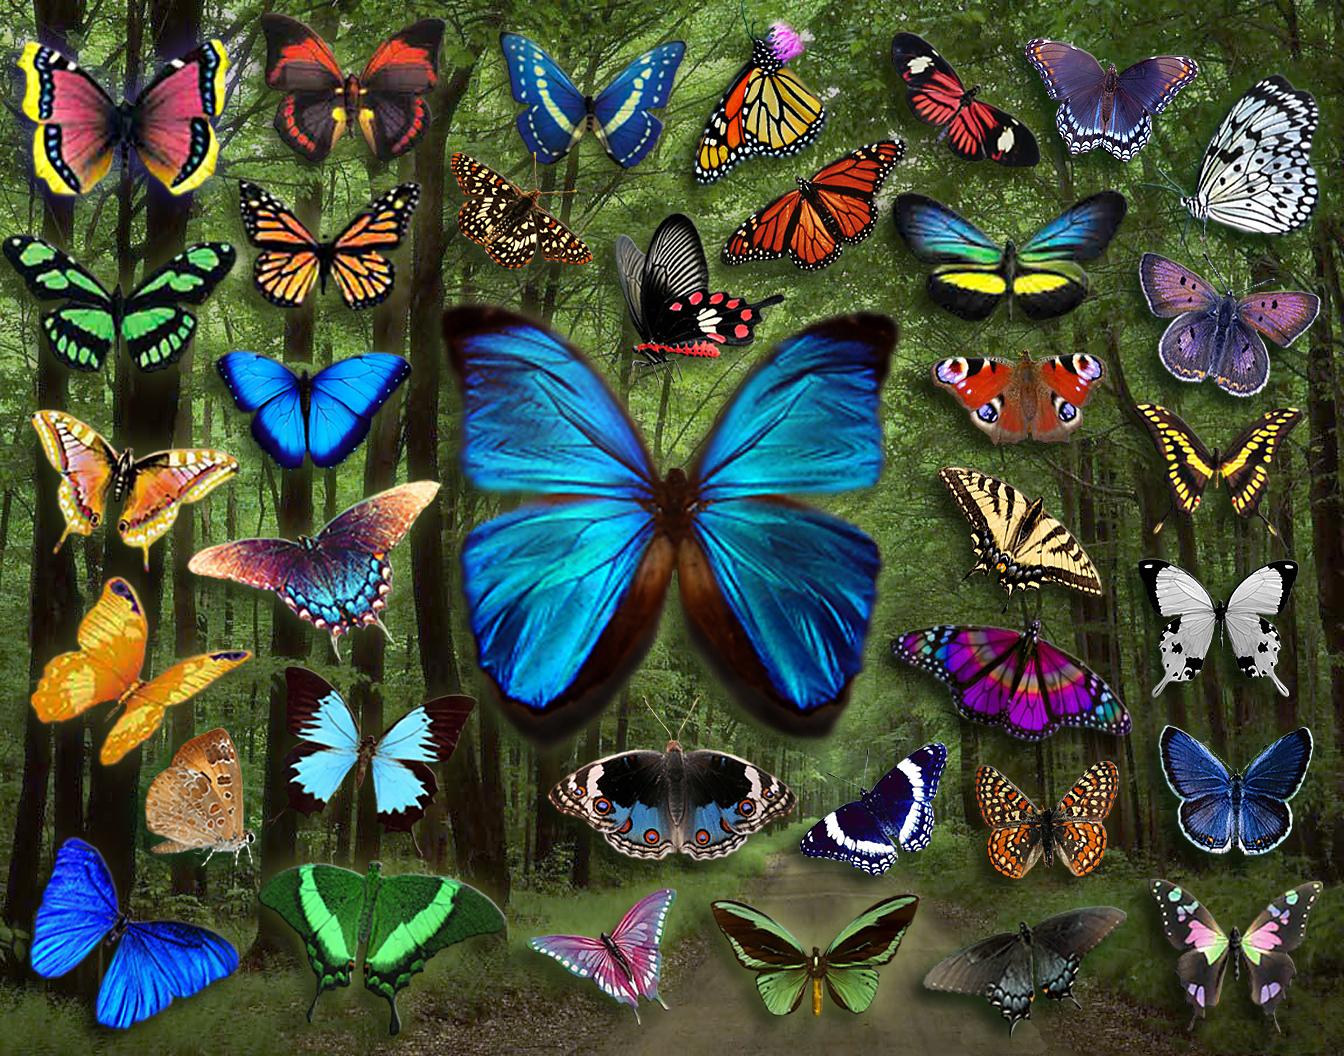 Фото: коллаж из бабочек